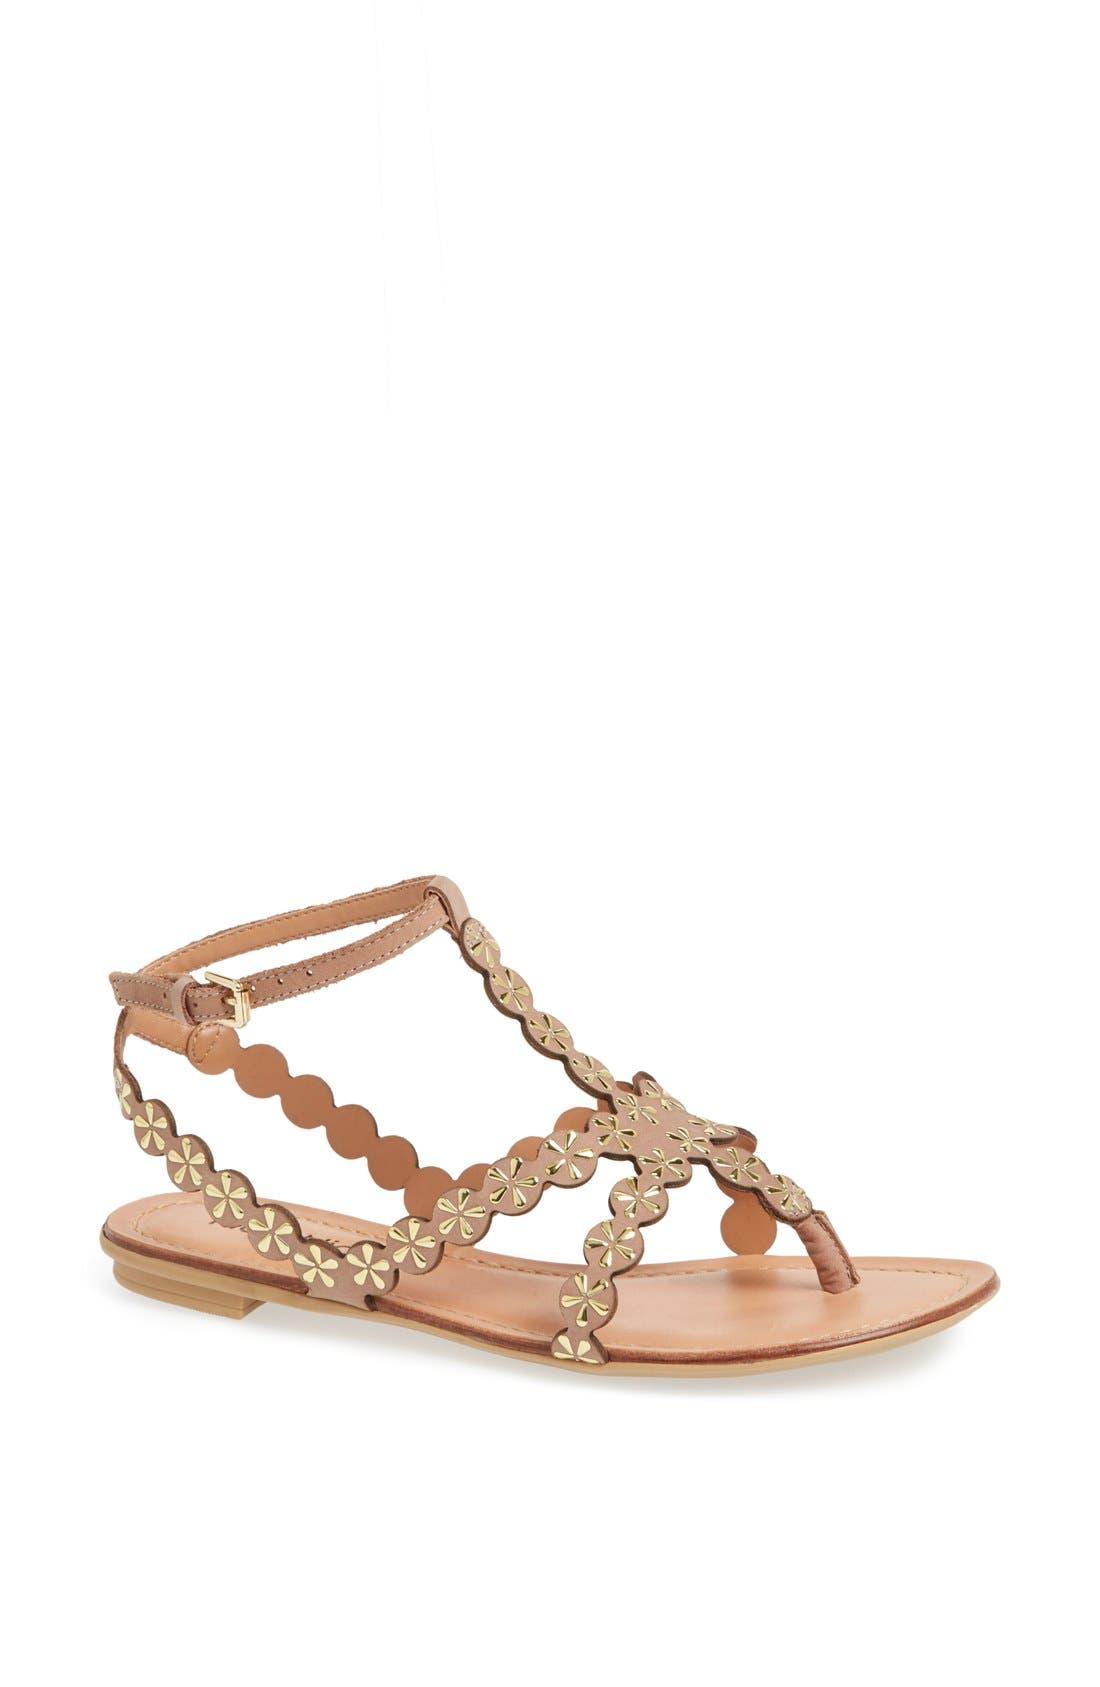 Alternate Image 1 Selected - Klub Nico 'Jovie' Sandal